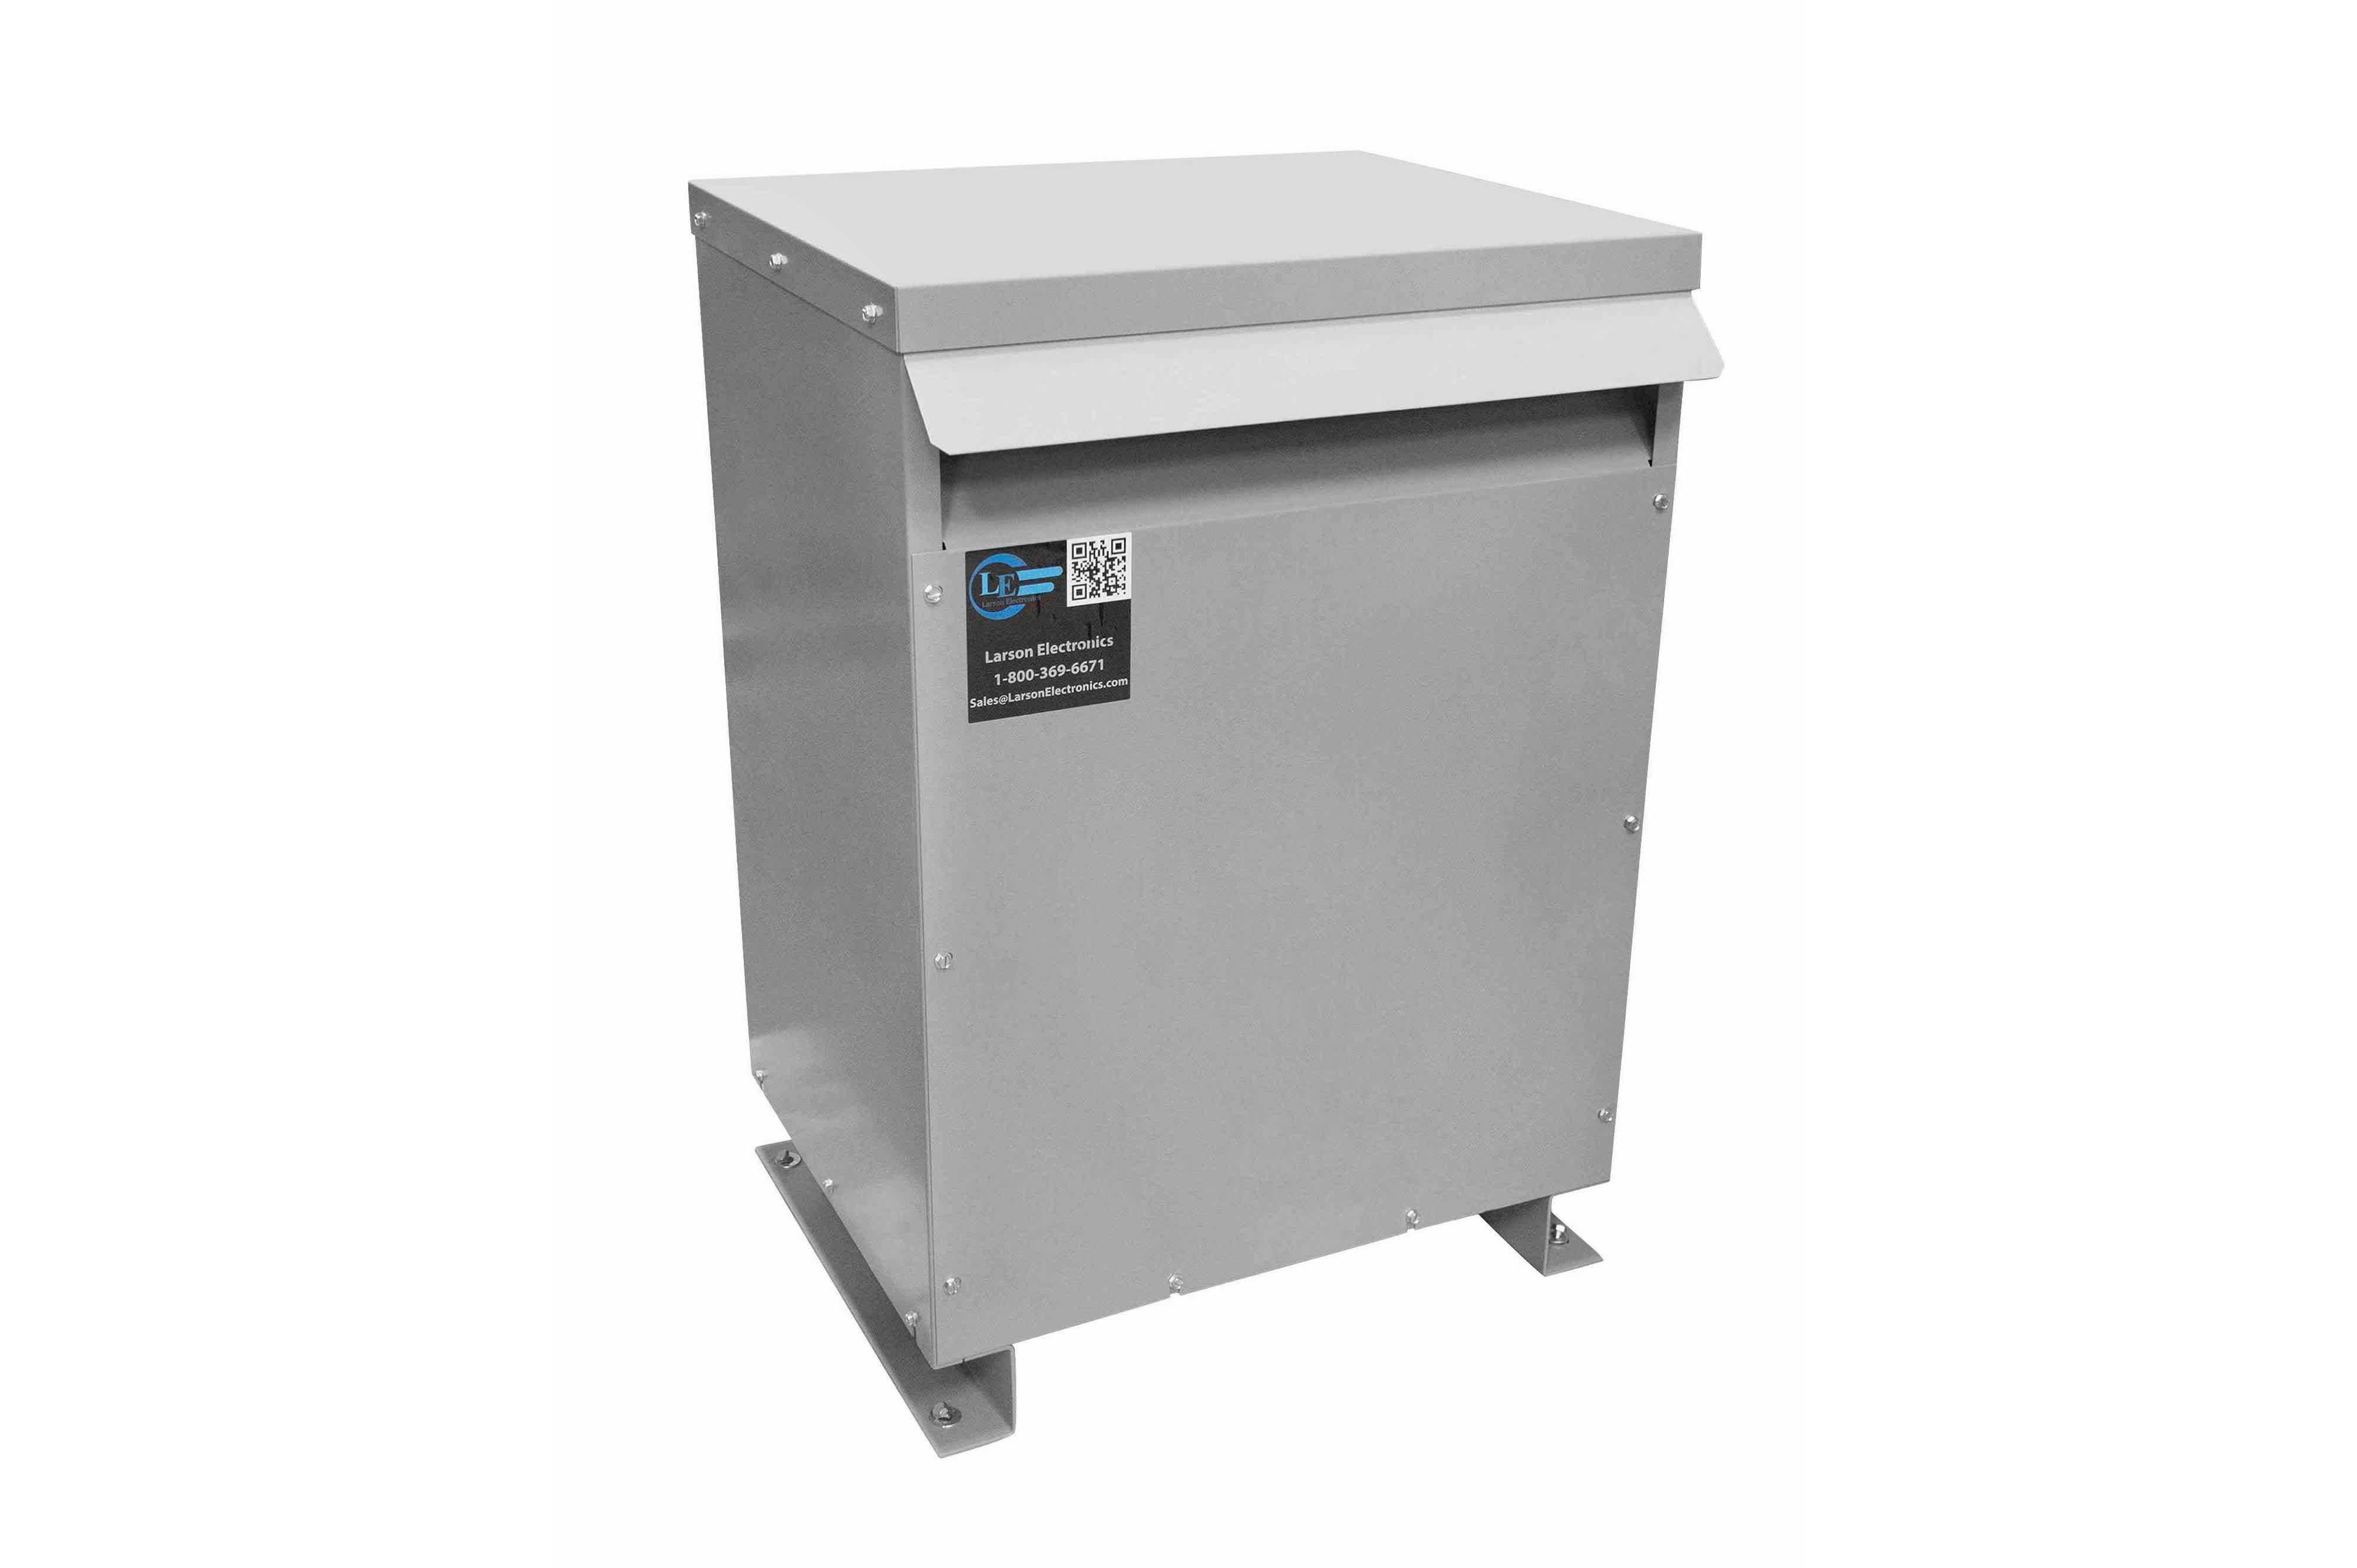 900 kVA 3PH Isolation Transformer, 380V Delta Primary, 480V Delta Secondary, N3R, Ventilated, 60 Hz